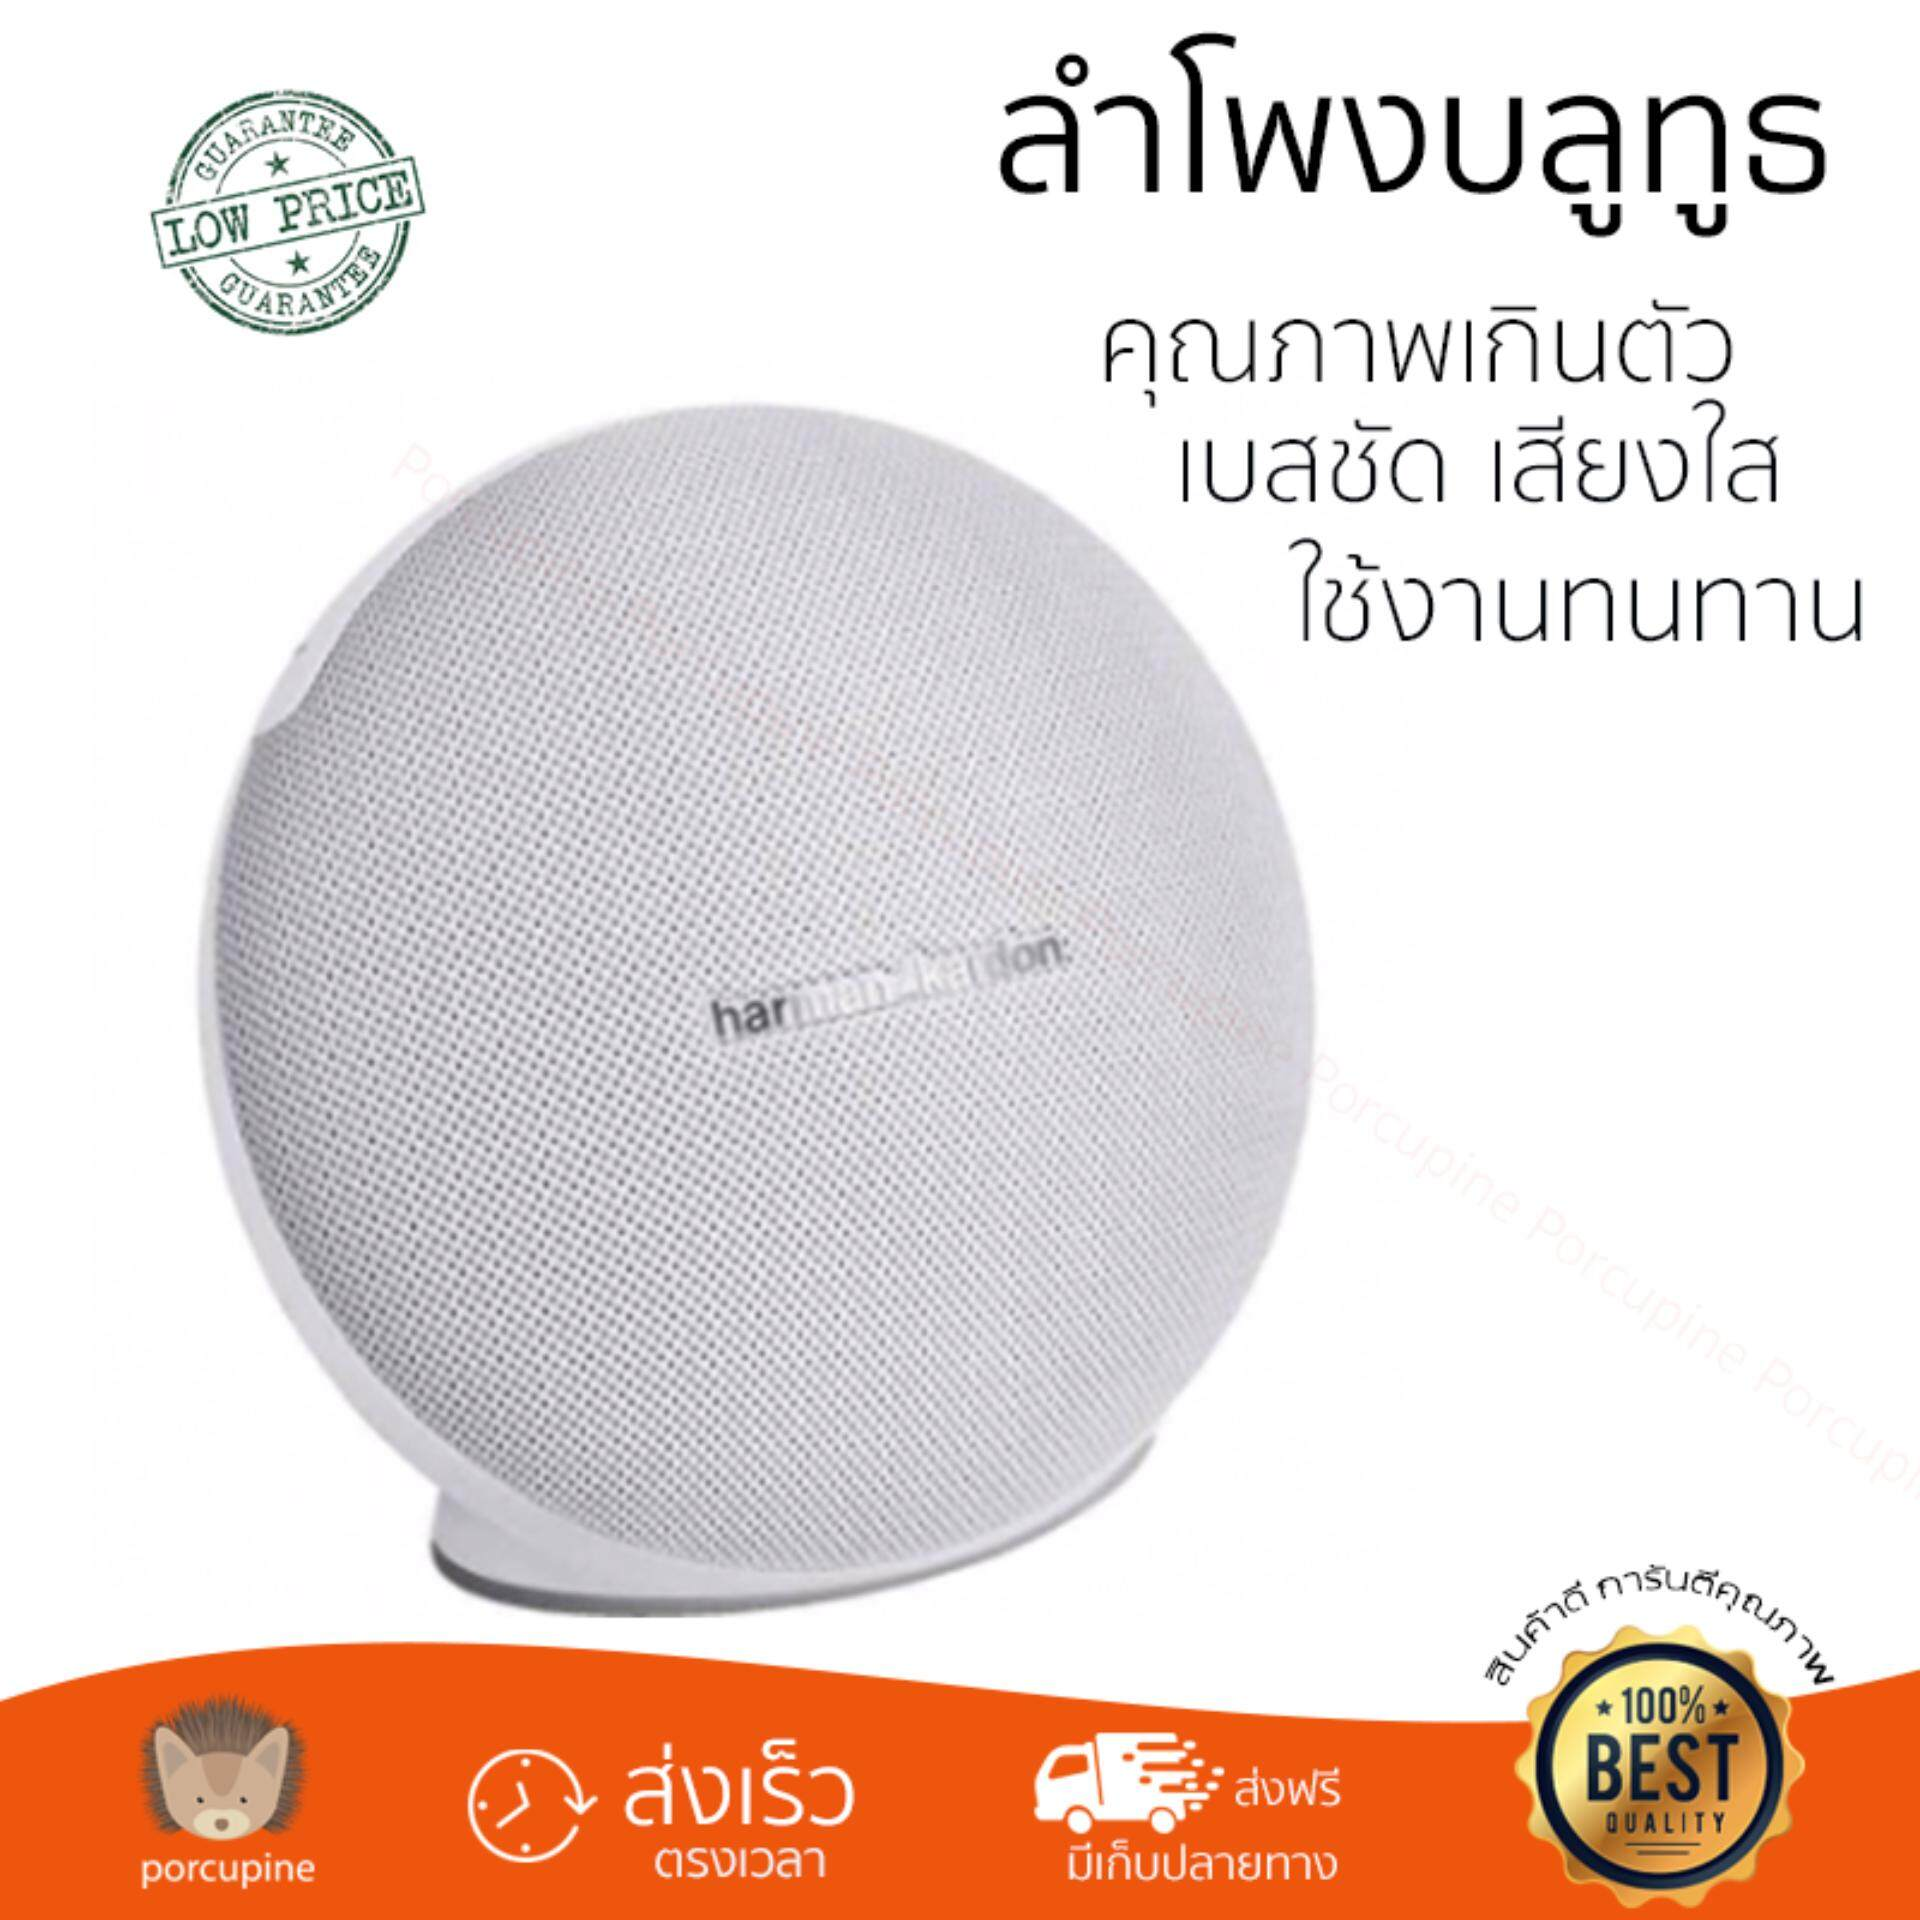 สอนใช้งาน  แพร่ จัดส่งฟรี ลำโพงบลูทูธ  Harman Kardon Bluetooth Speaker 2.1 Onyx Mini White เสียงใส คุณภาพเกินตัว Wireless Bluetooth Speaker รับประกัน 1 ปี